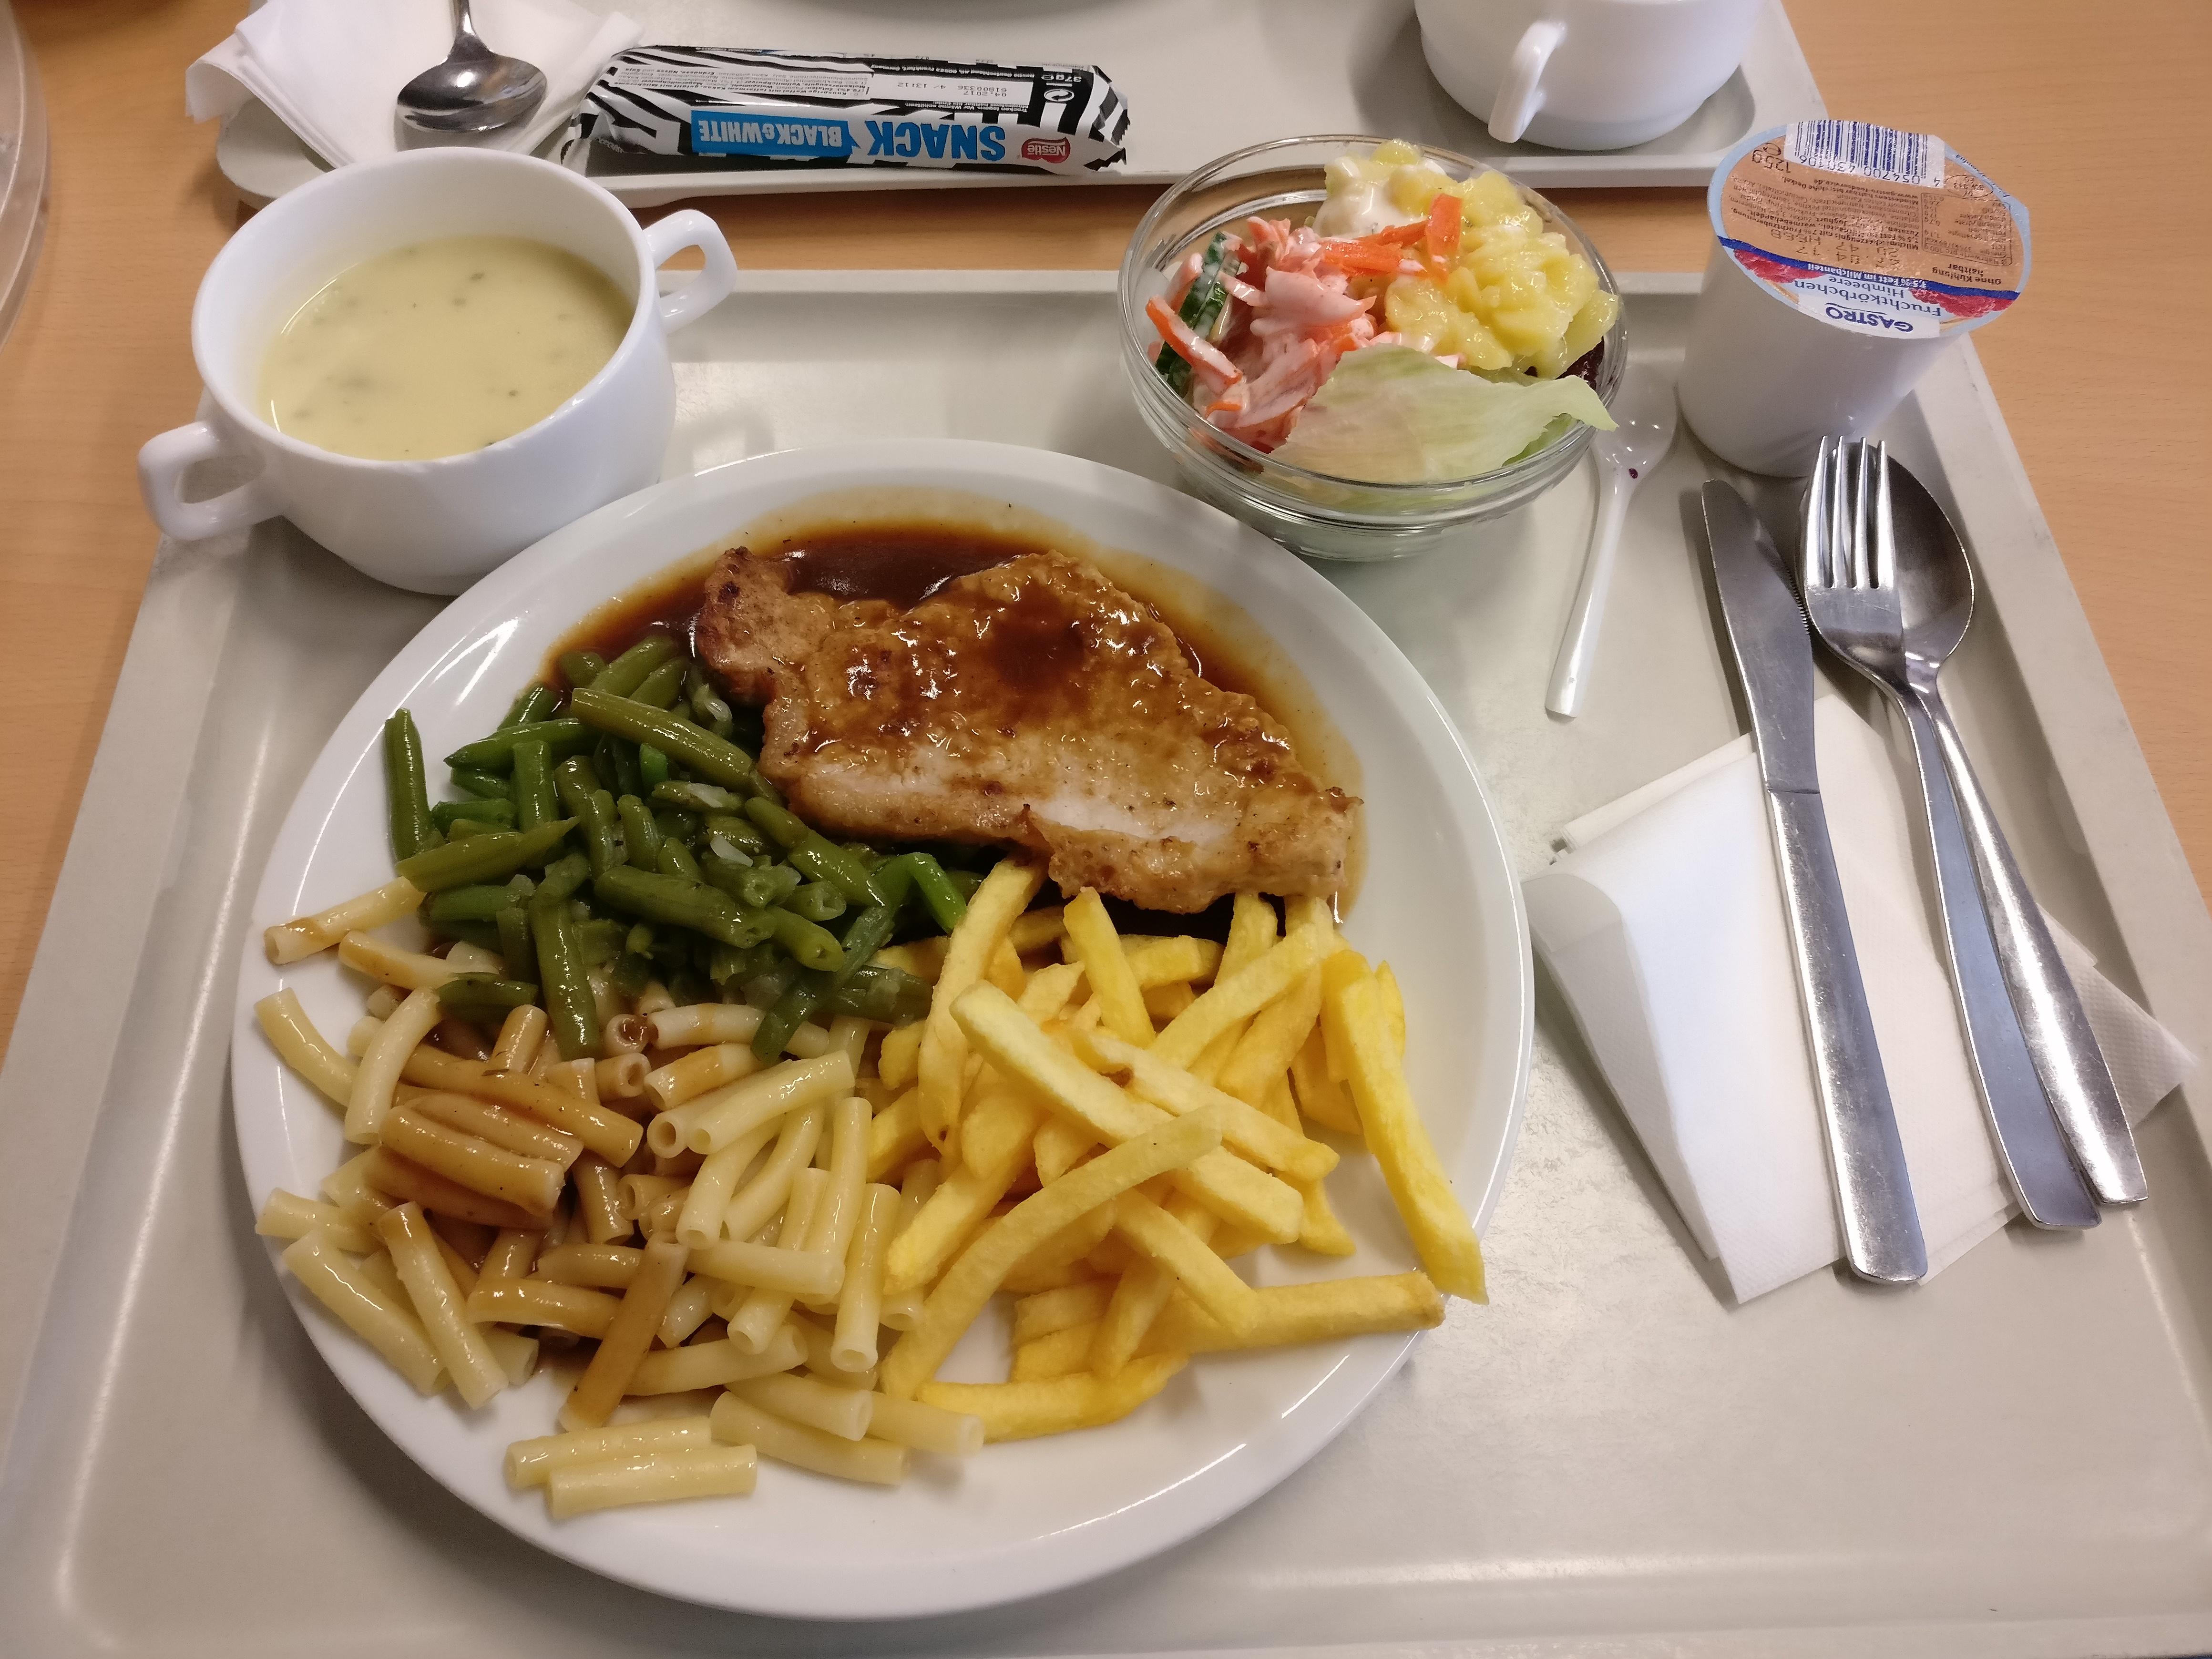 https://foodloader.net/nico_2017-04-20_steak-nudeln-pommes-bohnen-suppe-salat-joghurt.jpg